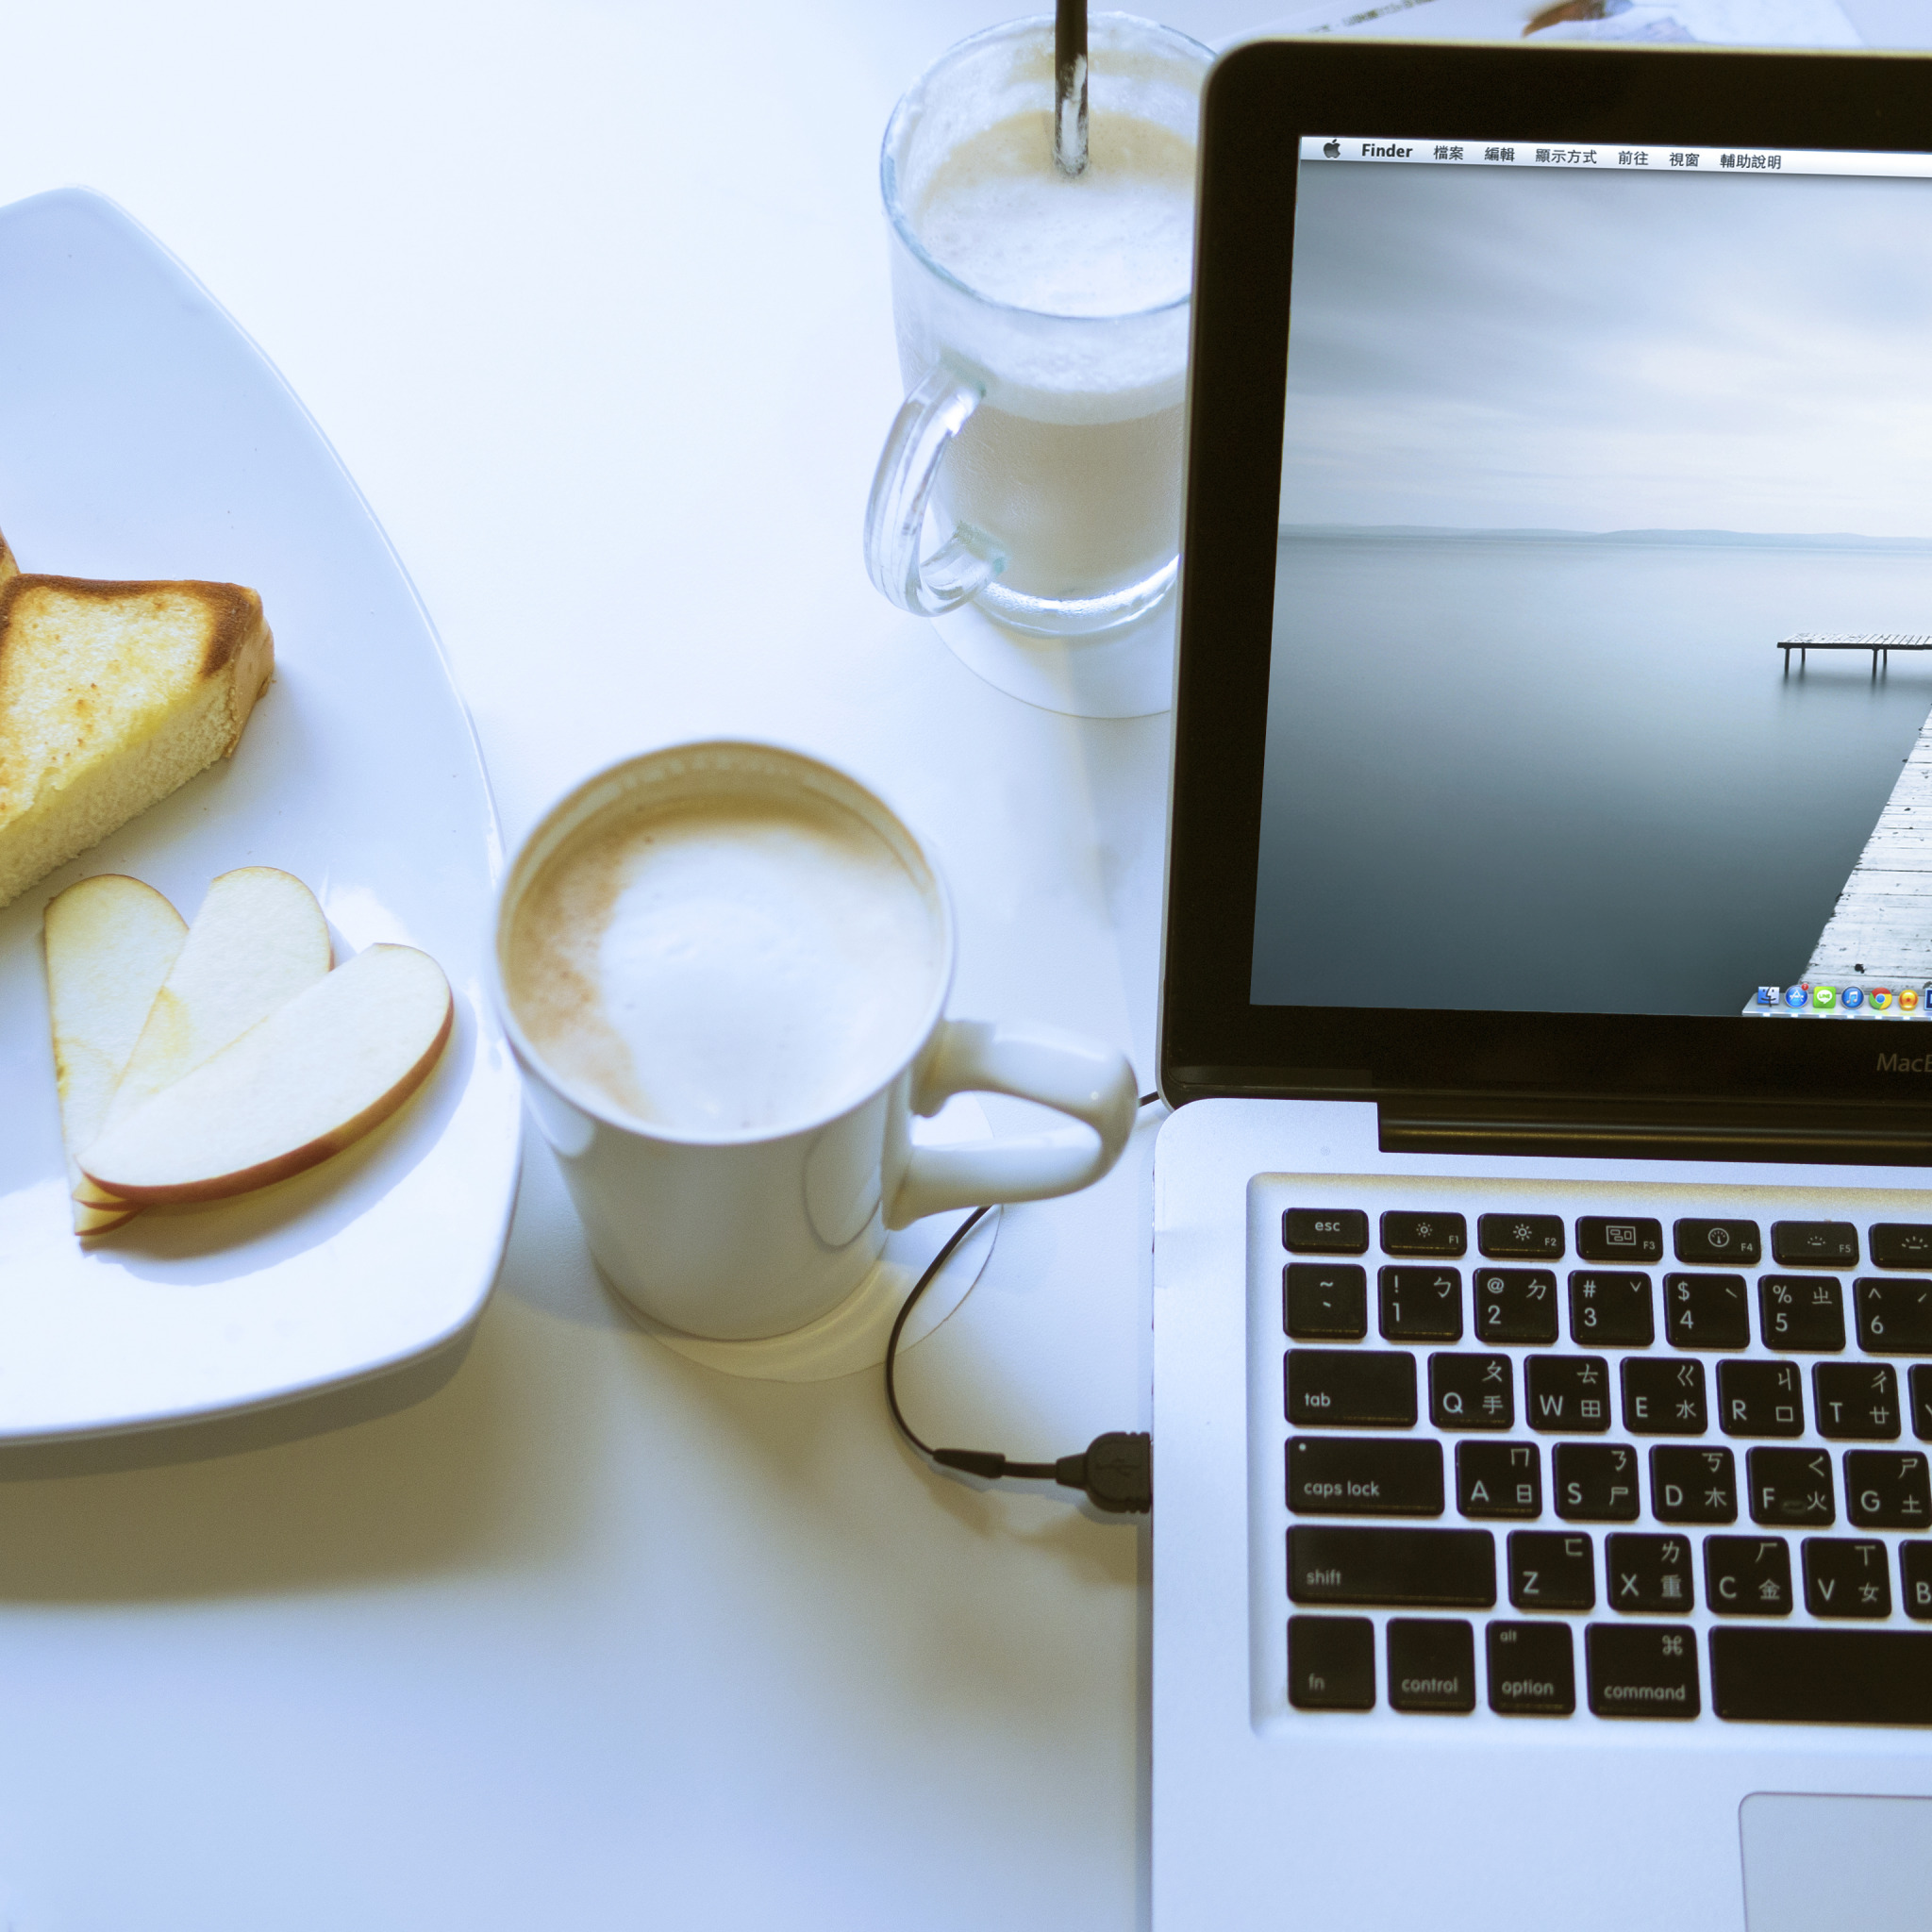 красивая картинка ноутбук и кофе картинки весна